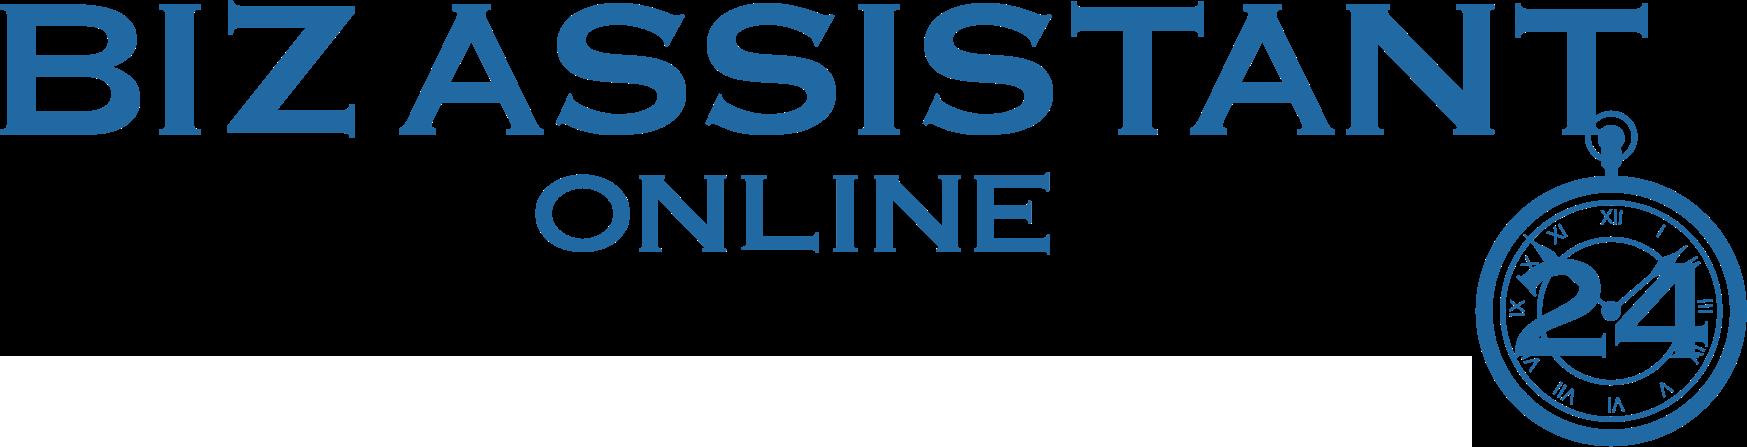 Biz Assistant Online